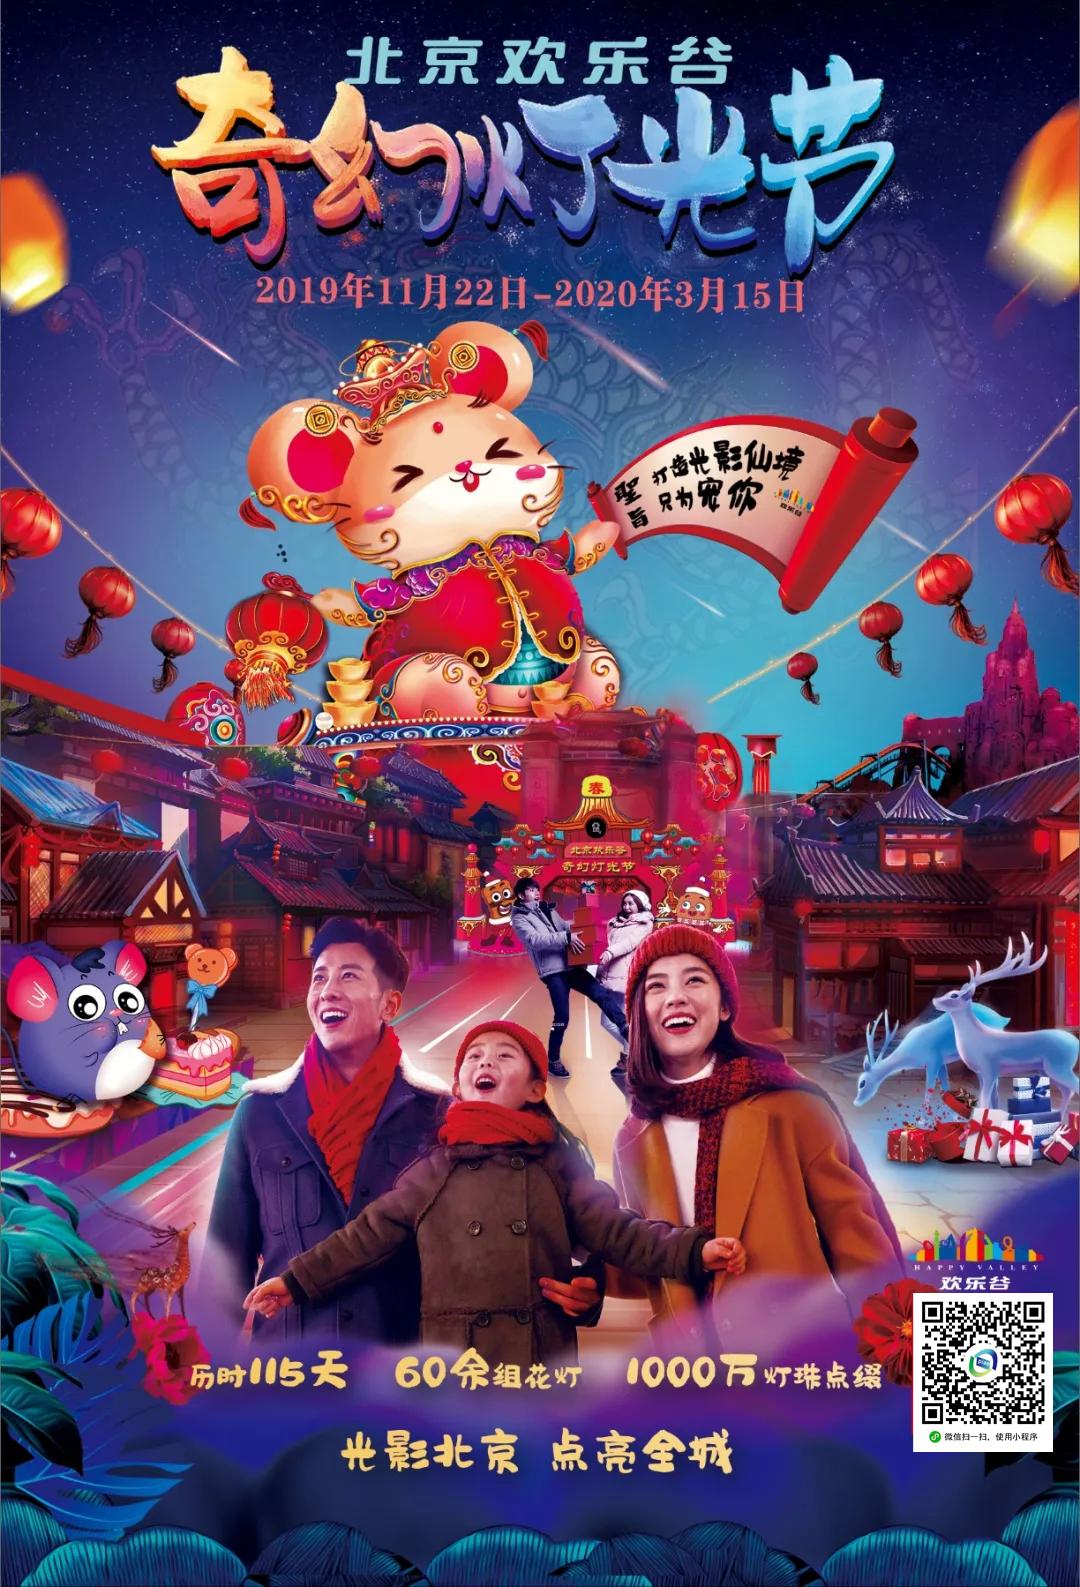 光影北京,点亮全城!北京欢乐谷奇幻灯光节尝鲜体验优惠